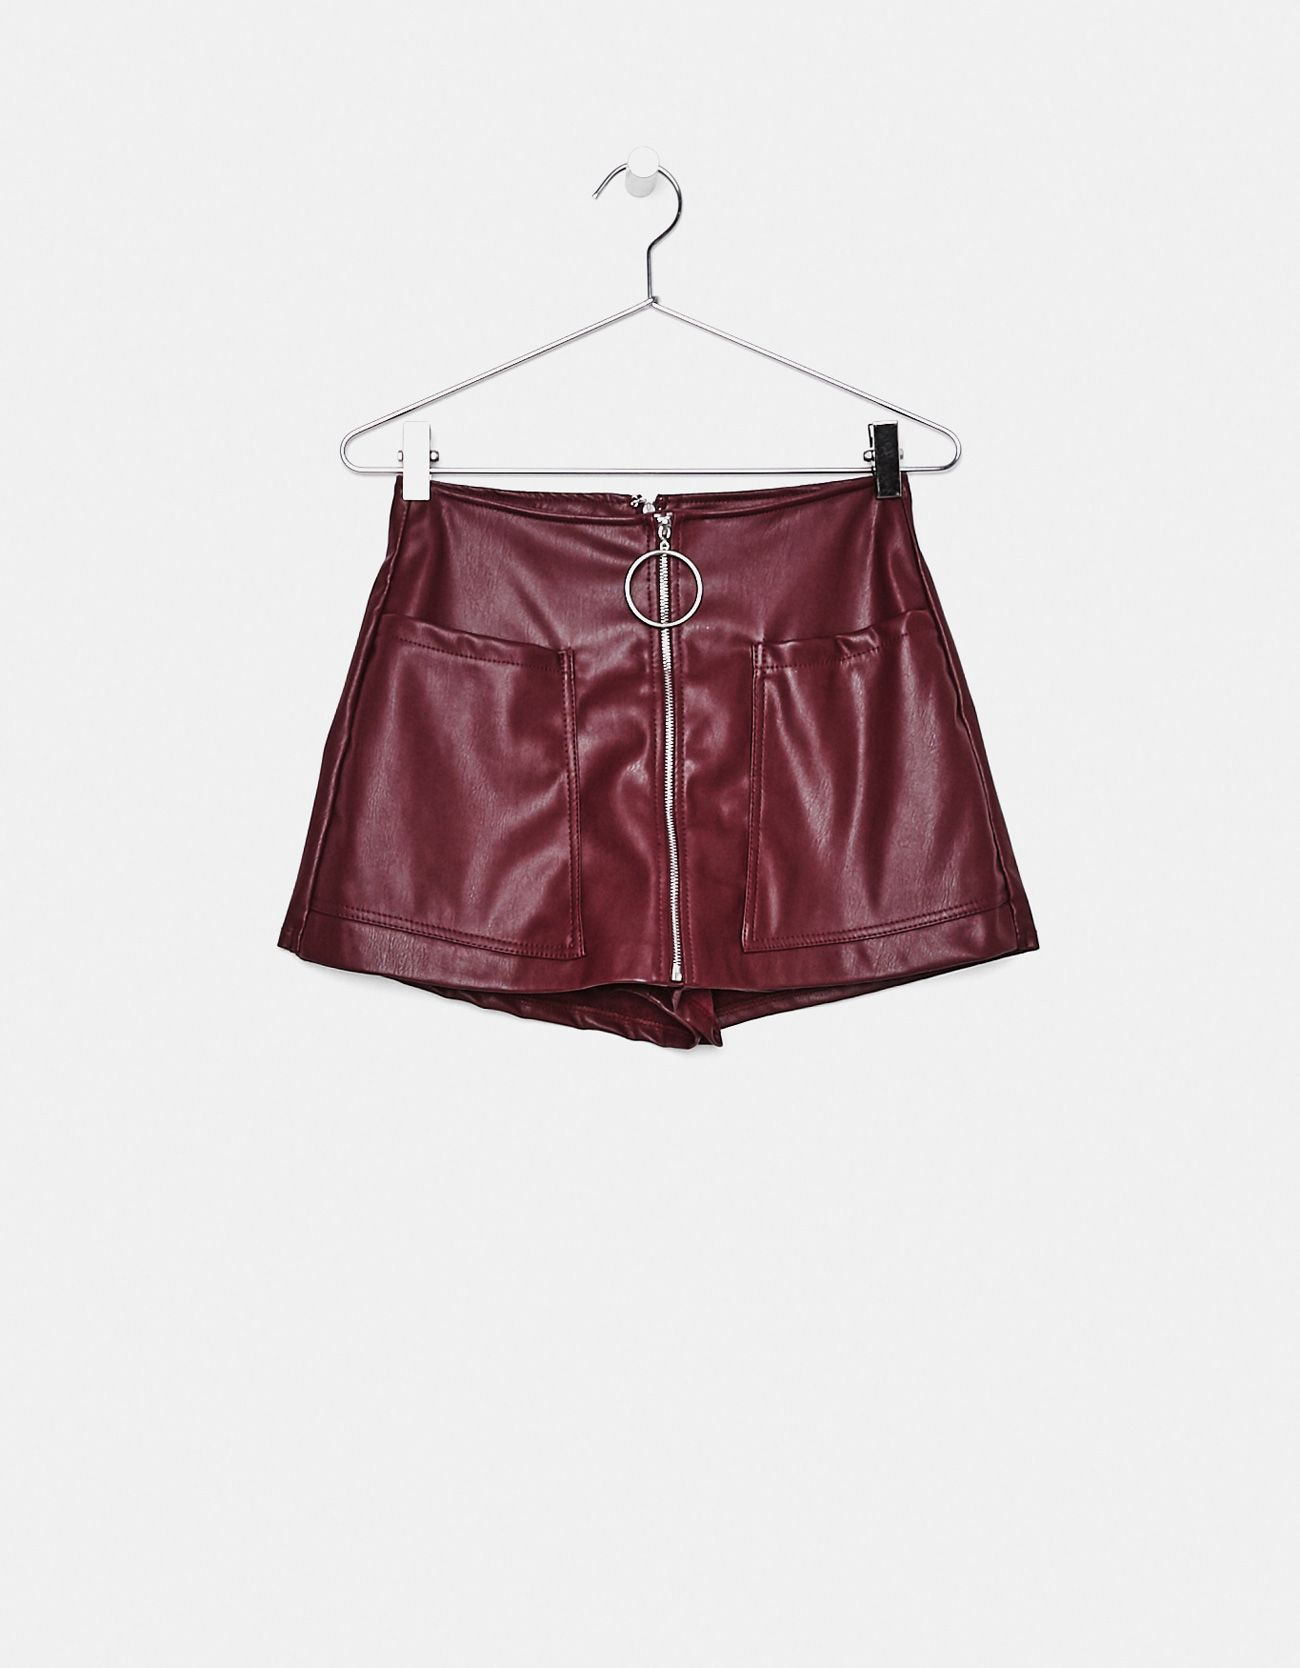 1c4e03566 Falda pantalón efecto piel | looks | Pantalones efecto piel, Faldas ...